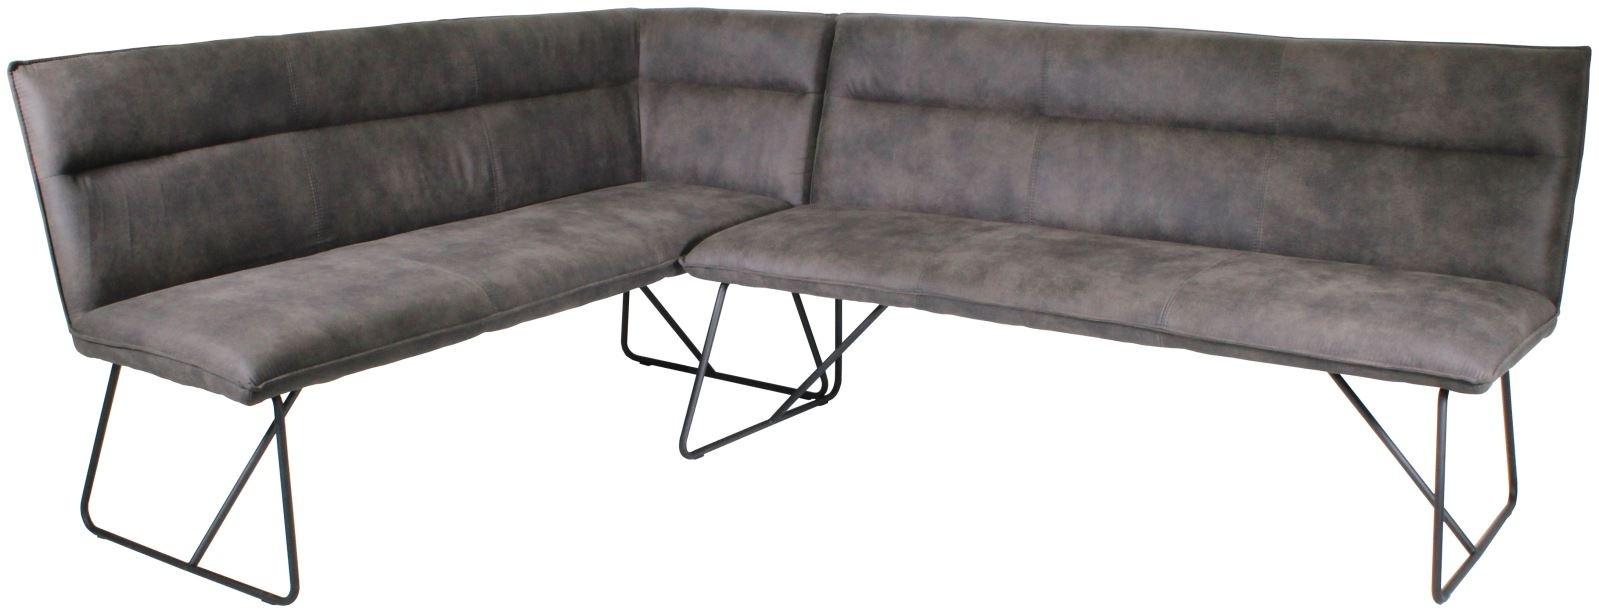 LARSON Corner Bench Set (LH) - Grey Suede